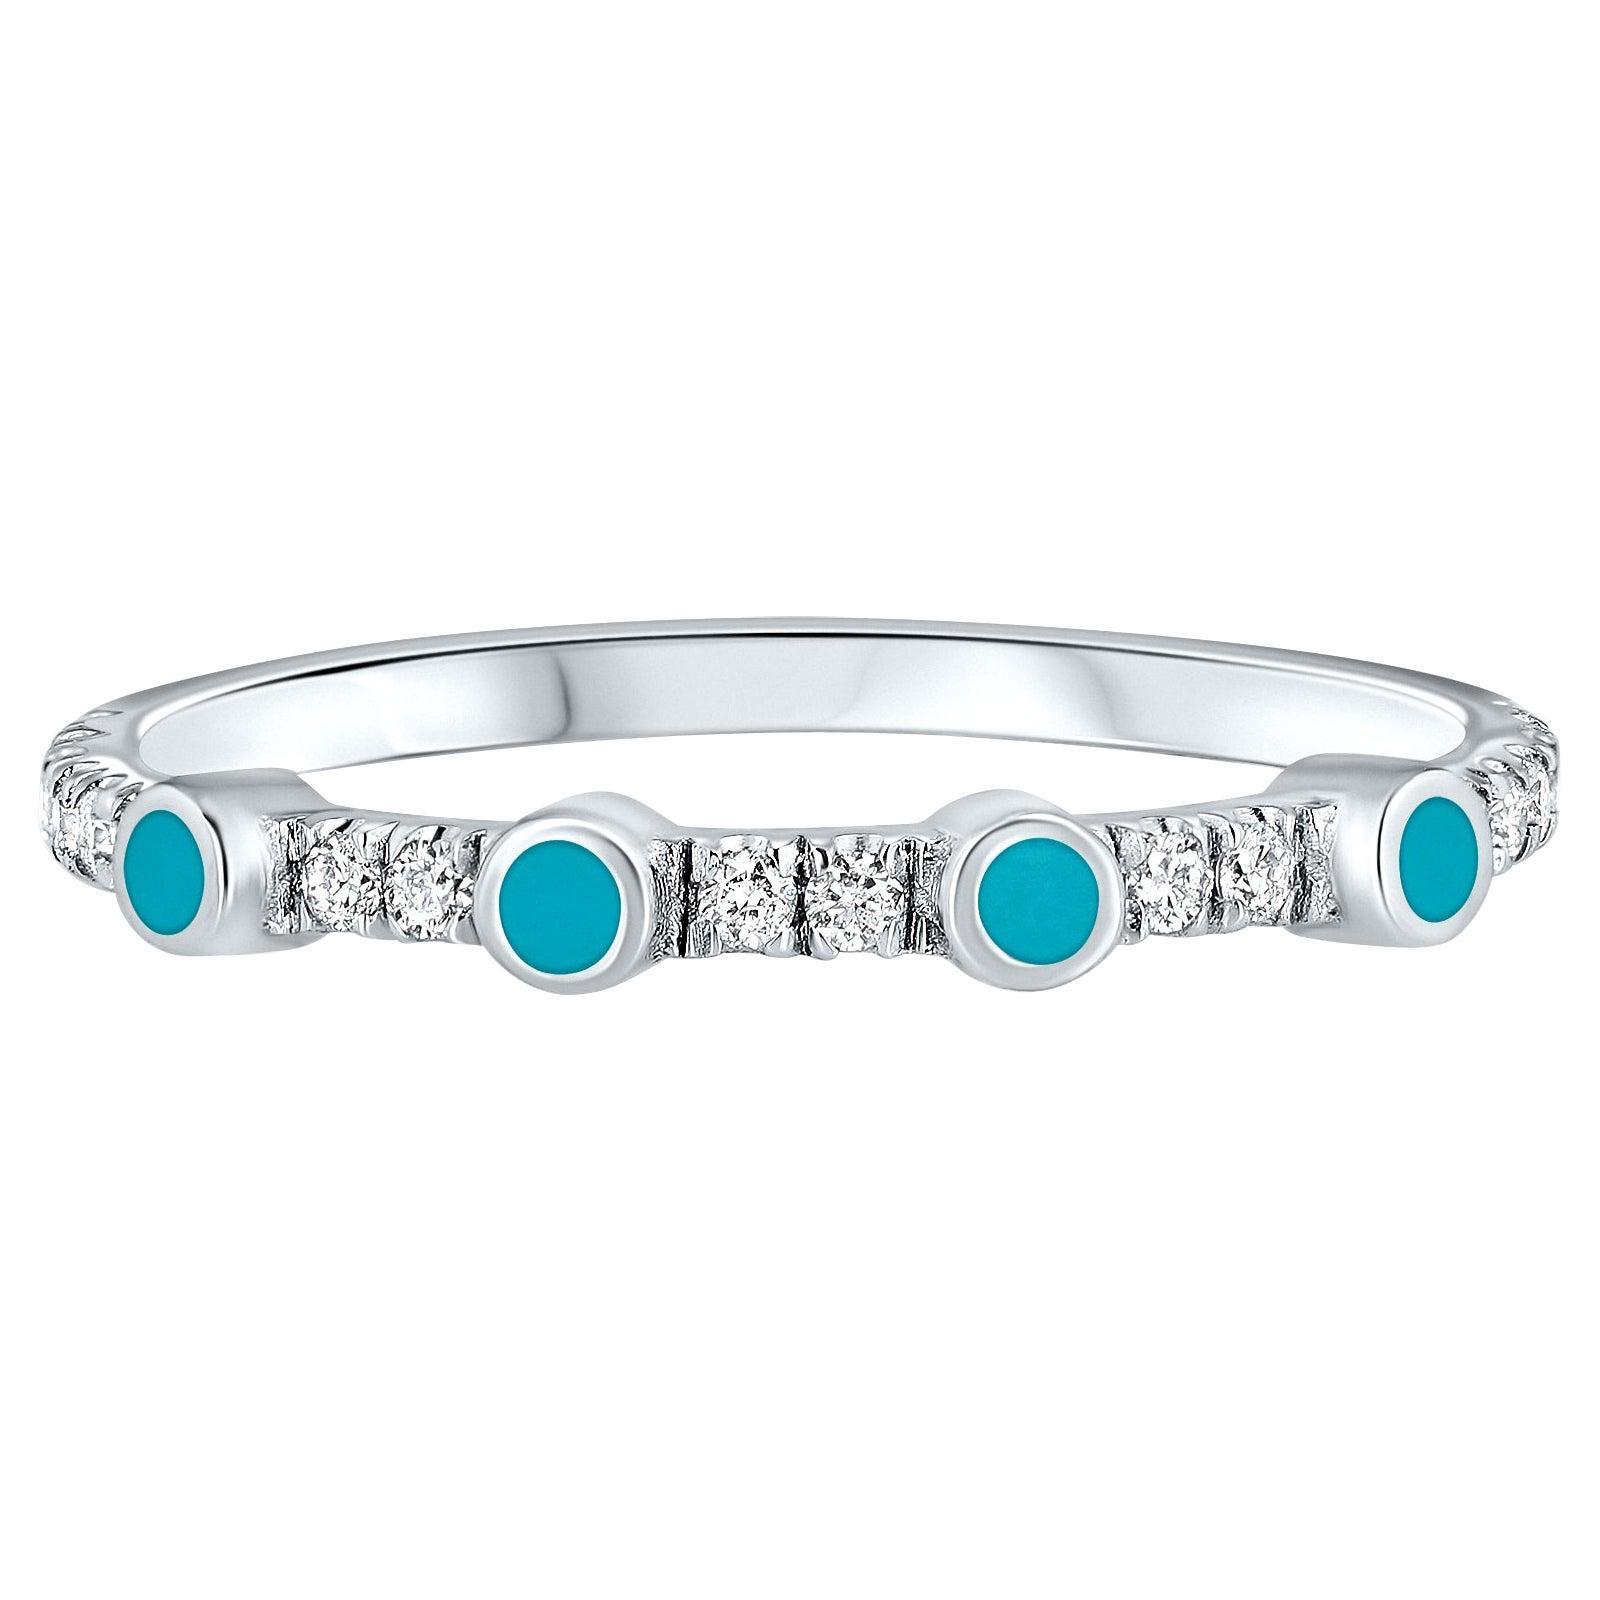 Pave Diamond Turquoise Enamel Stacking Ring in 14K White Gold, Shlomit Rogel